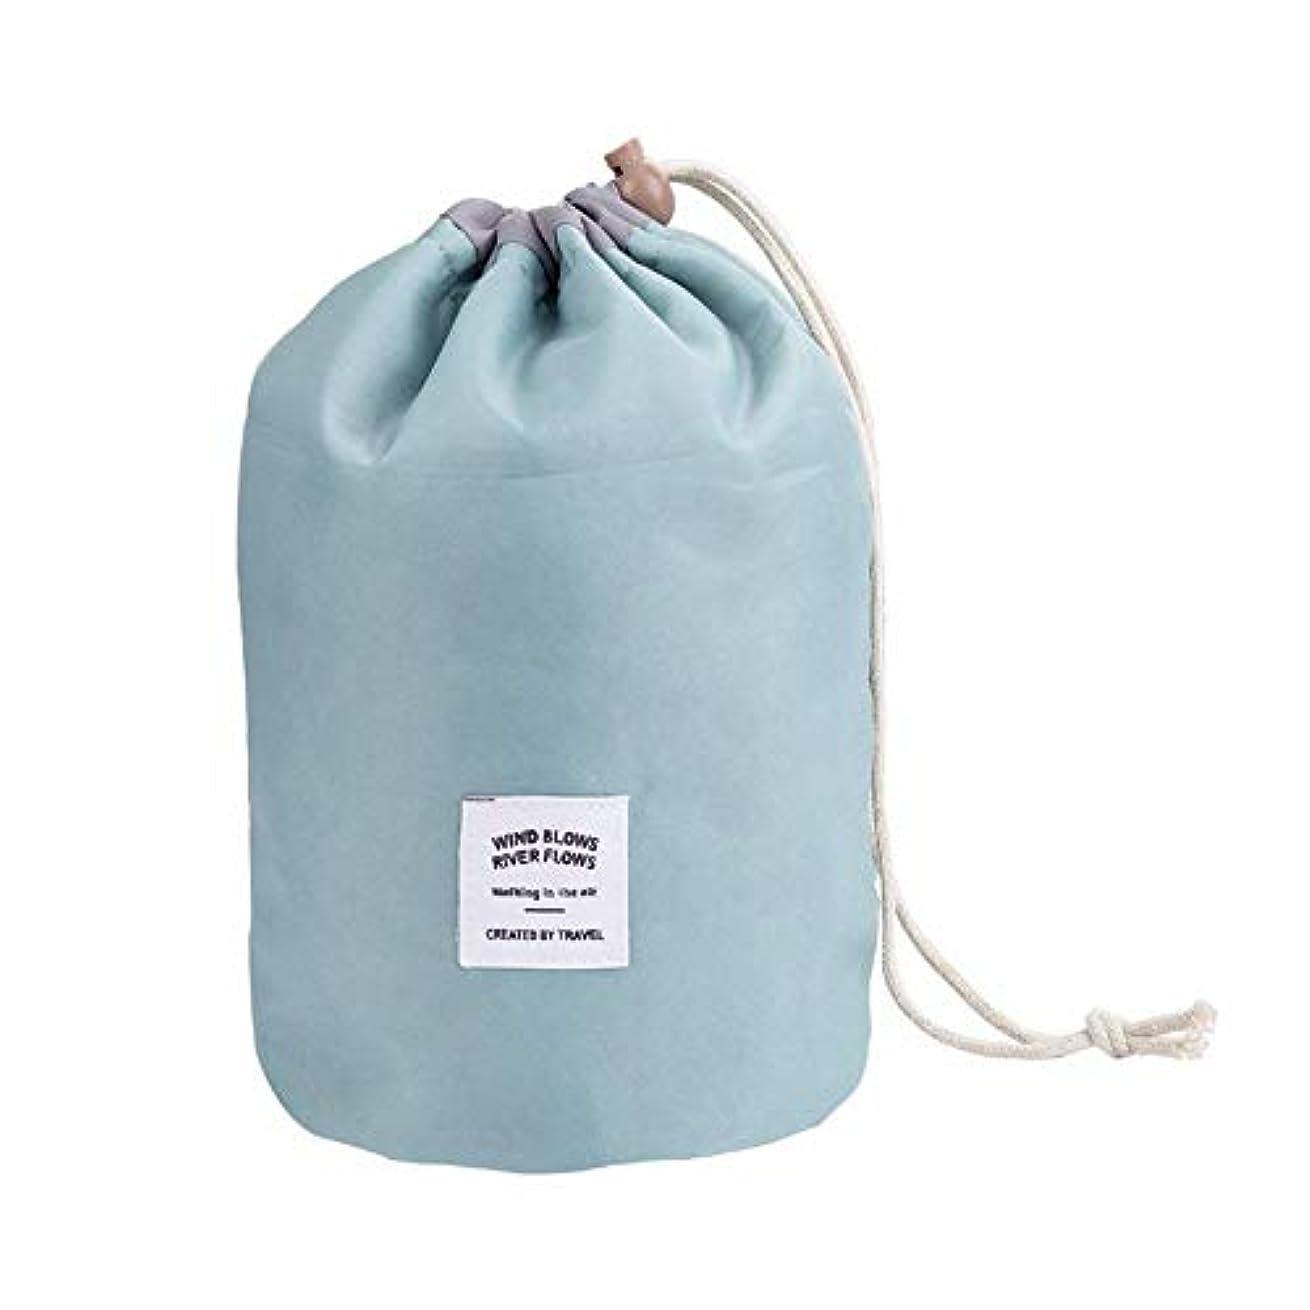 案件疑い者なぜなら化粧オーガナイザーバッグ ポータブル防水旅行コスメティックバッグトラベルセットストレージバッグバスルームストレージ巾着化粧品バッグポータブル 化粧品ケース (色 : 緑)